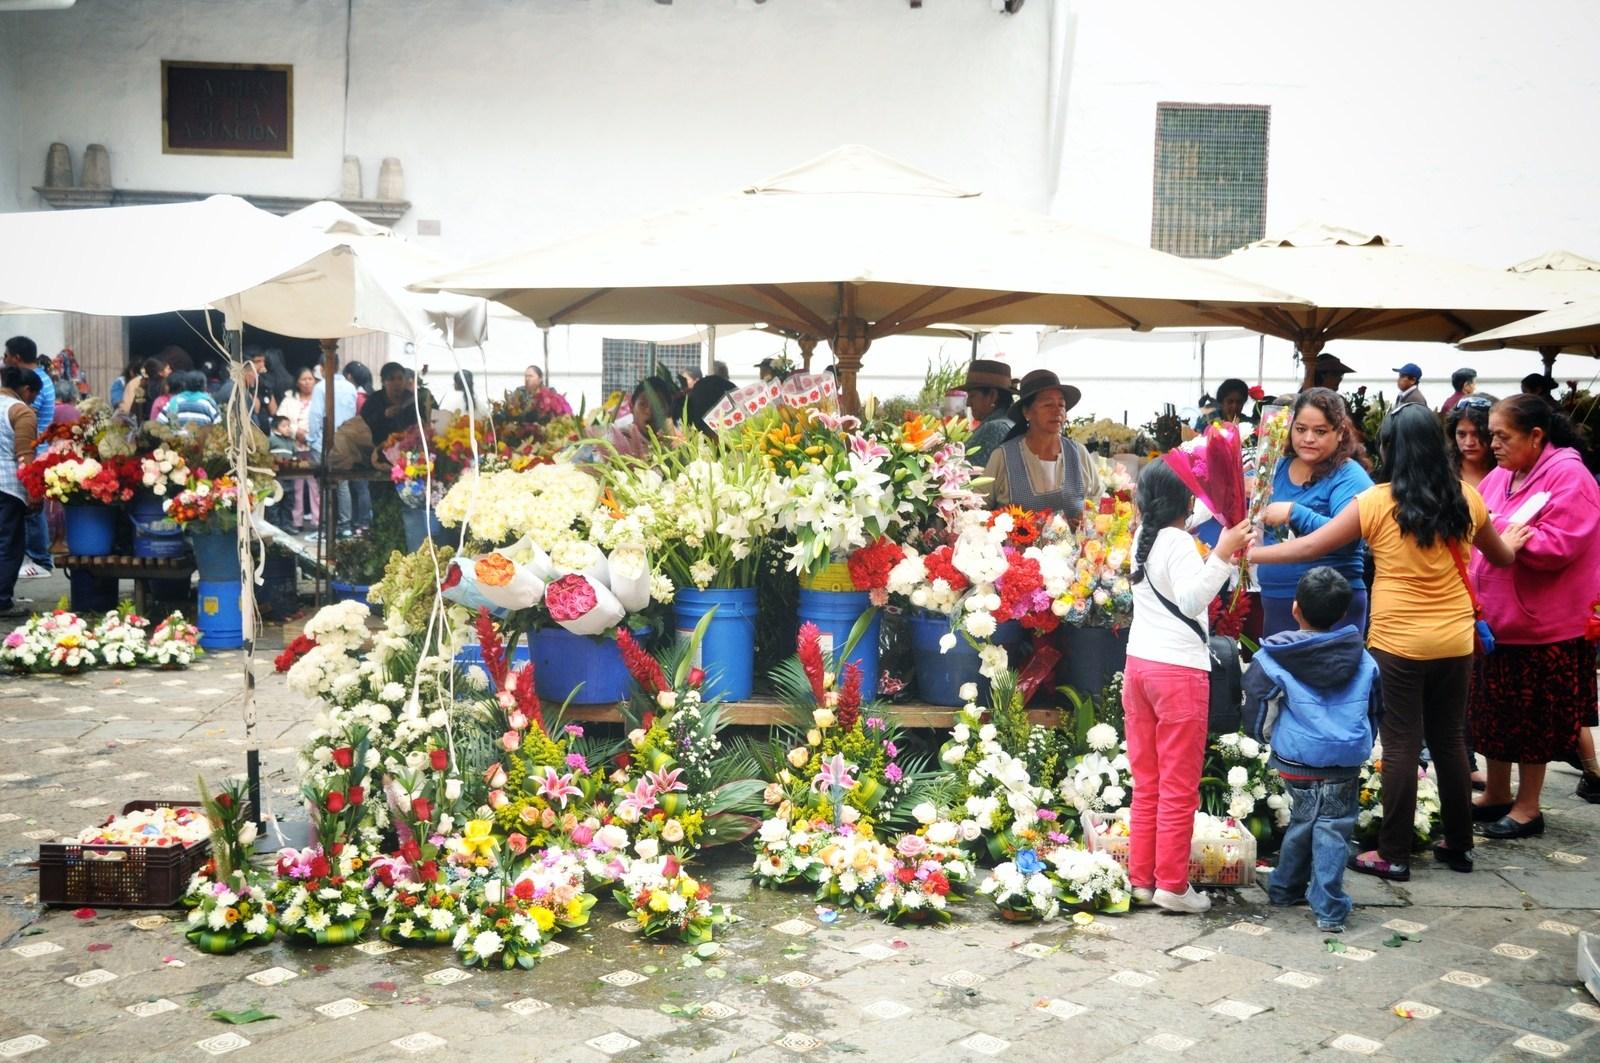 Marché aux fleurs de Cuenca Cuenca